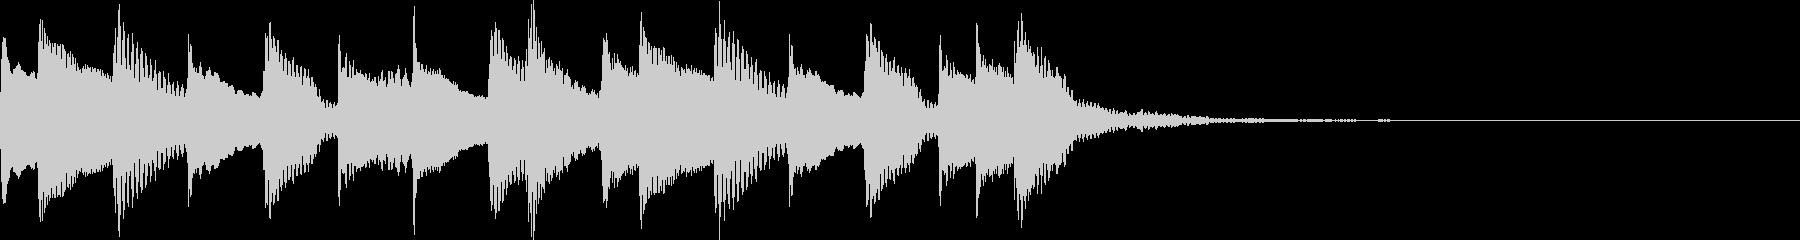 ミステリーなオープニングロゴの未再生の波形